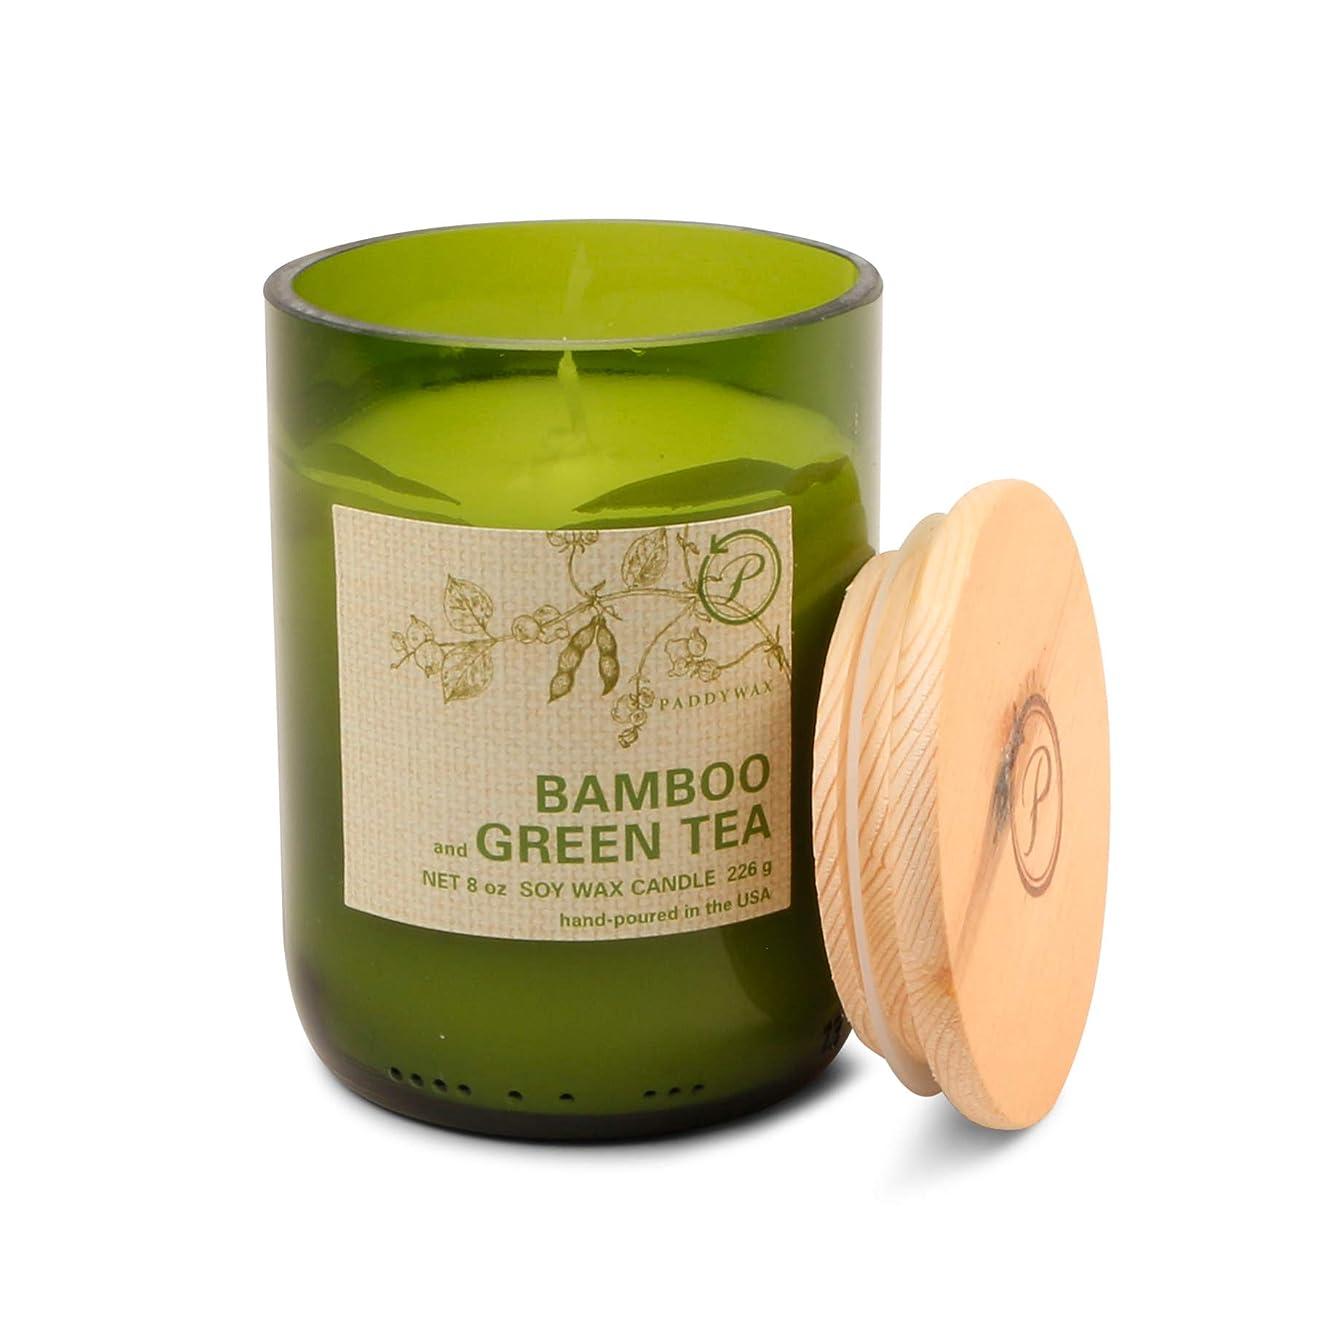 腹痛怪物気づくパディワックス(PADDYWAX) エコ?グリーン キャンドル(ECO GREEN Candle) バンブー & グリーンティー(BAMBOO and GREEN TEA)